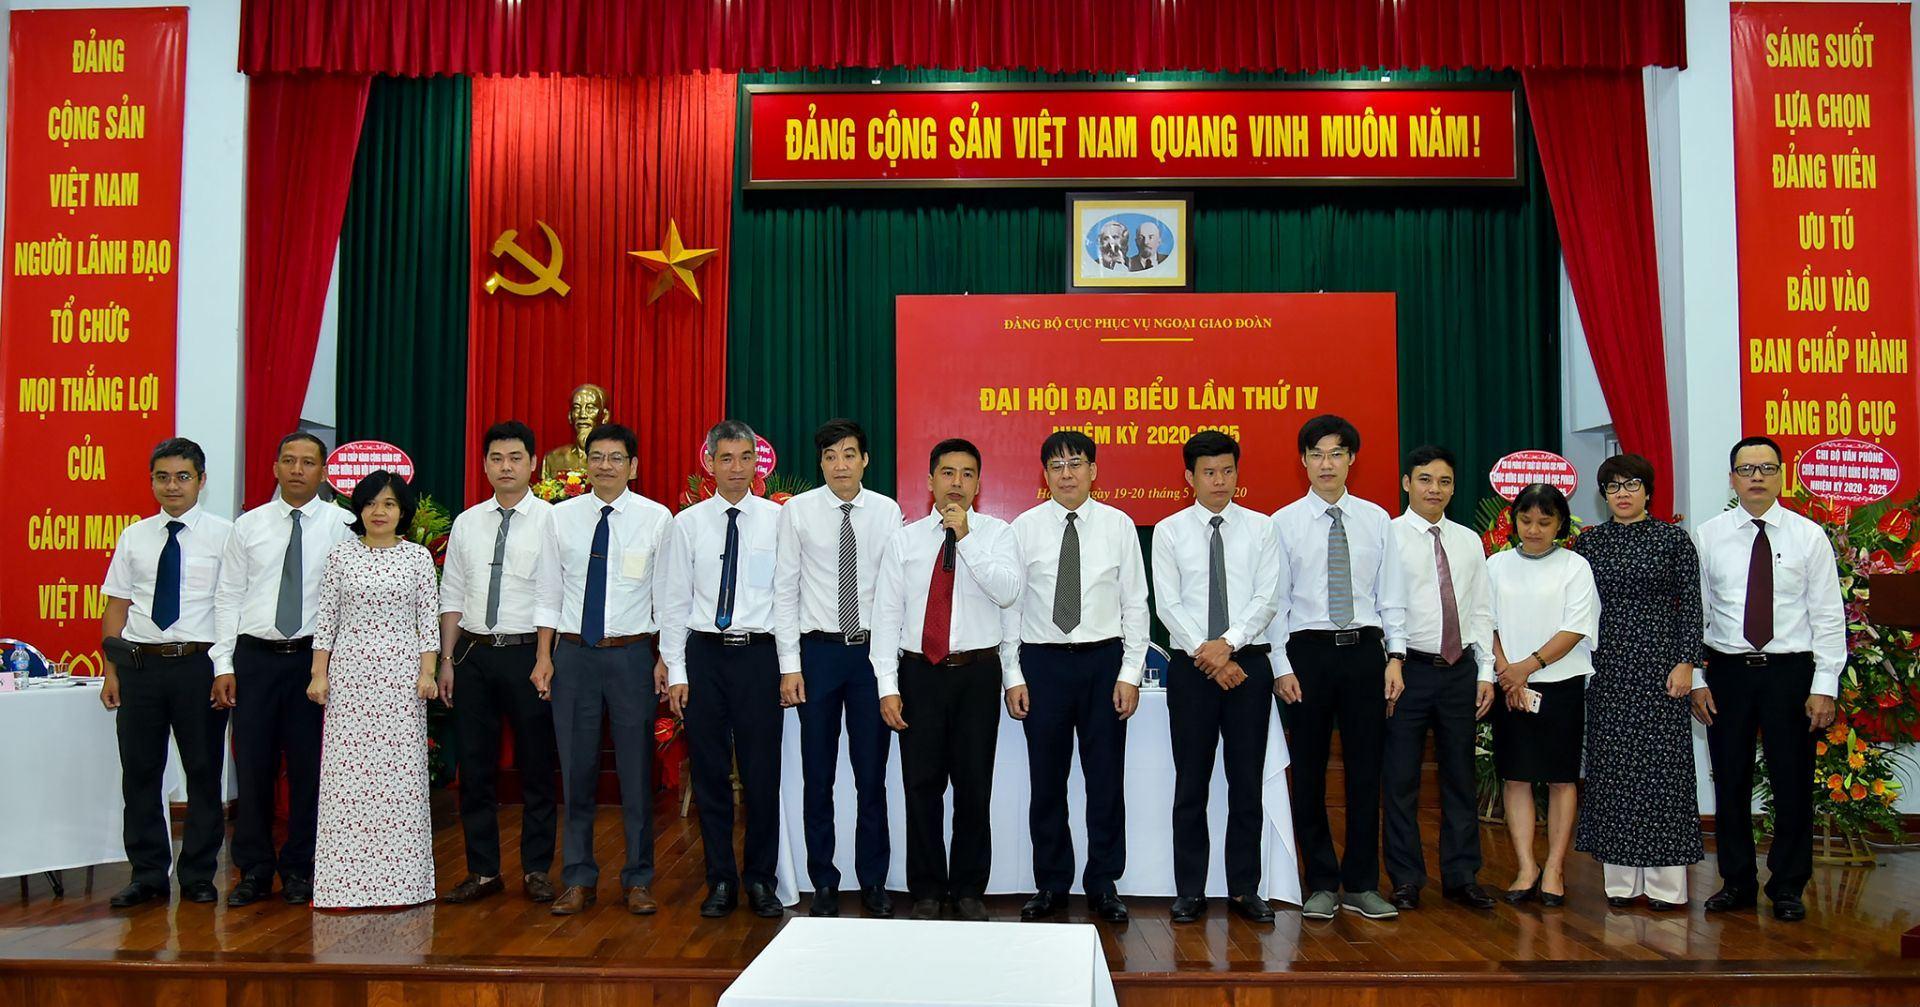 Cục Phục vụ Ngoại giao đoàn tổ chức thành công Đại hội Đảng bộ